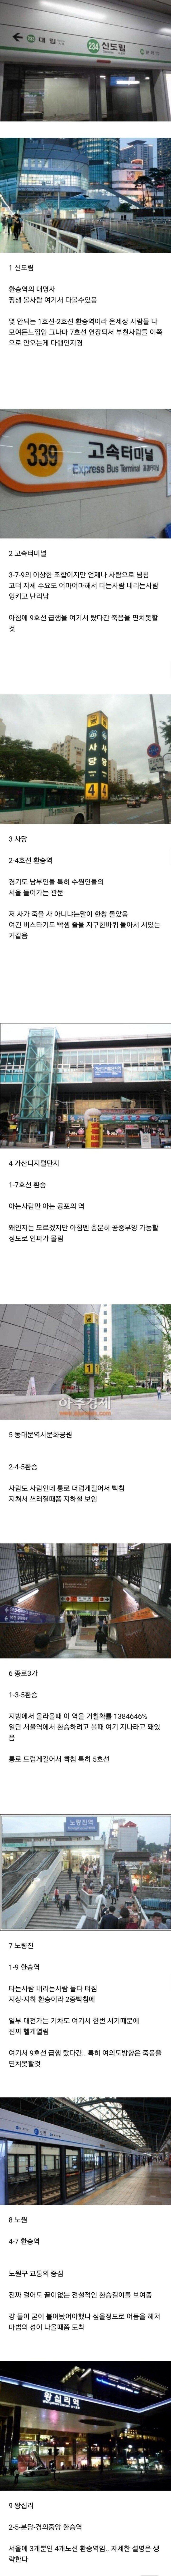 1582714802931677.jpg 서울 지하철 환승 난이도 top9.jpg